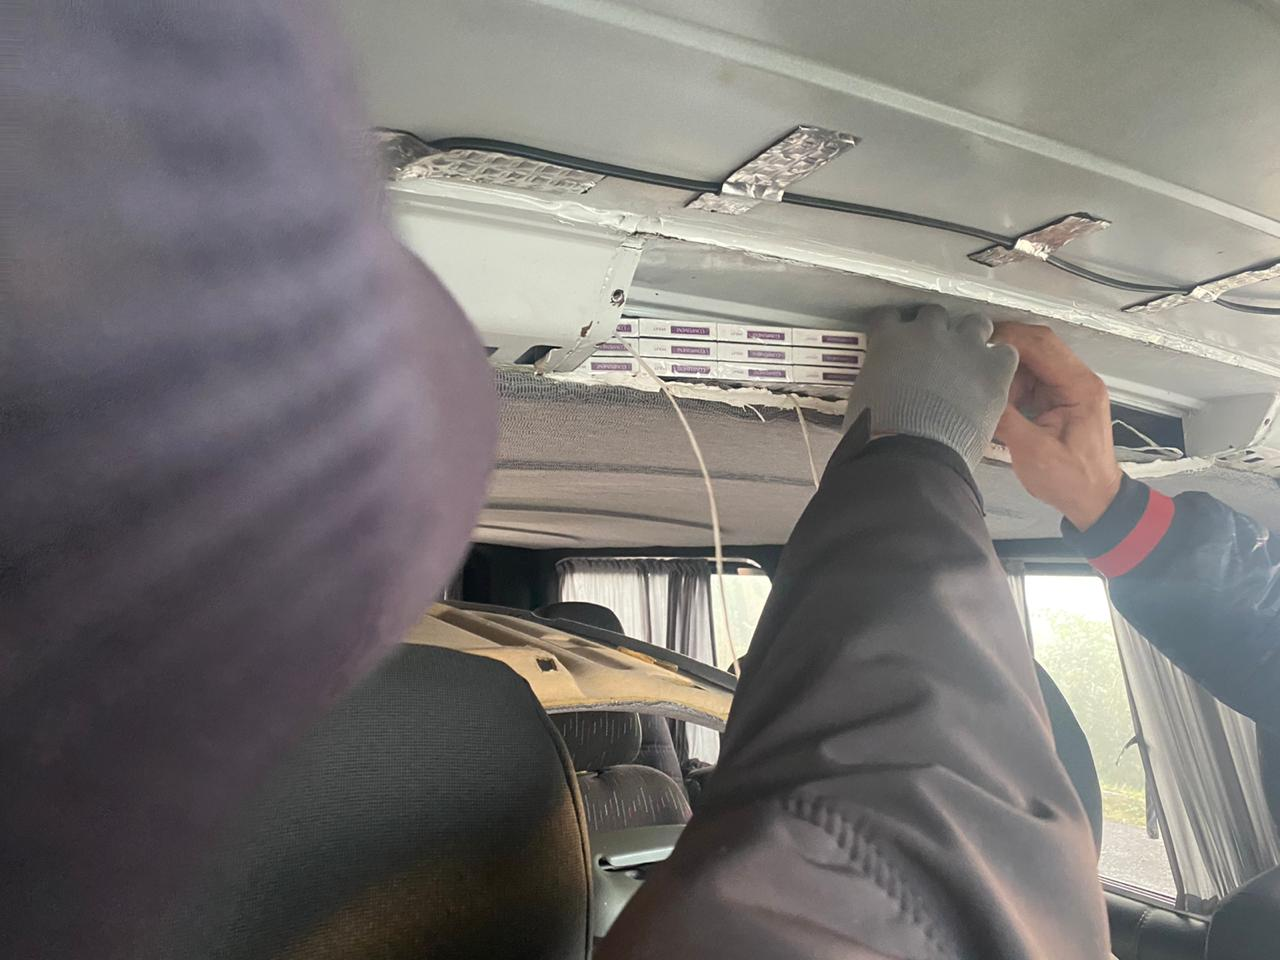 Більш ніж 1,5 тисячі пачок сигарет намагався незаконно перемістити через українсько-румунський кордон 38-річний громадянин України, що прибув в пункт пропуску «Дякове» сьогодні вранці.